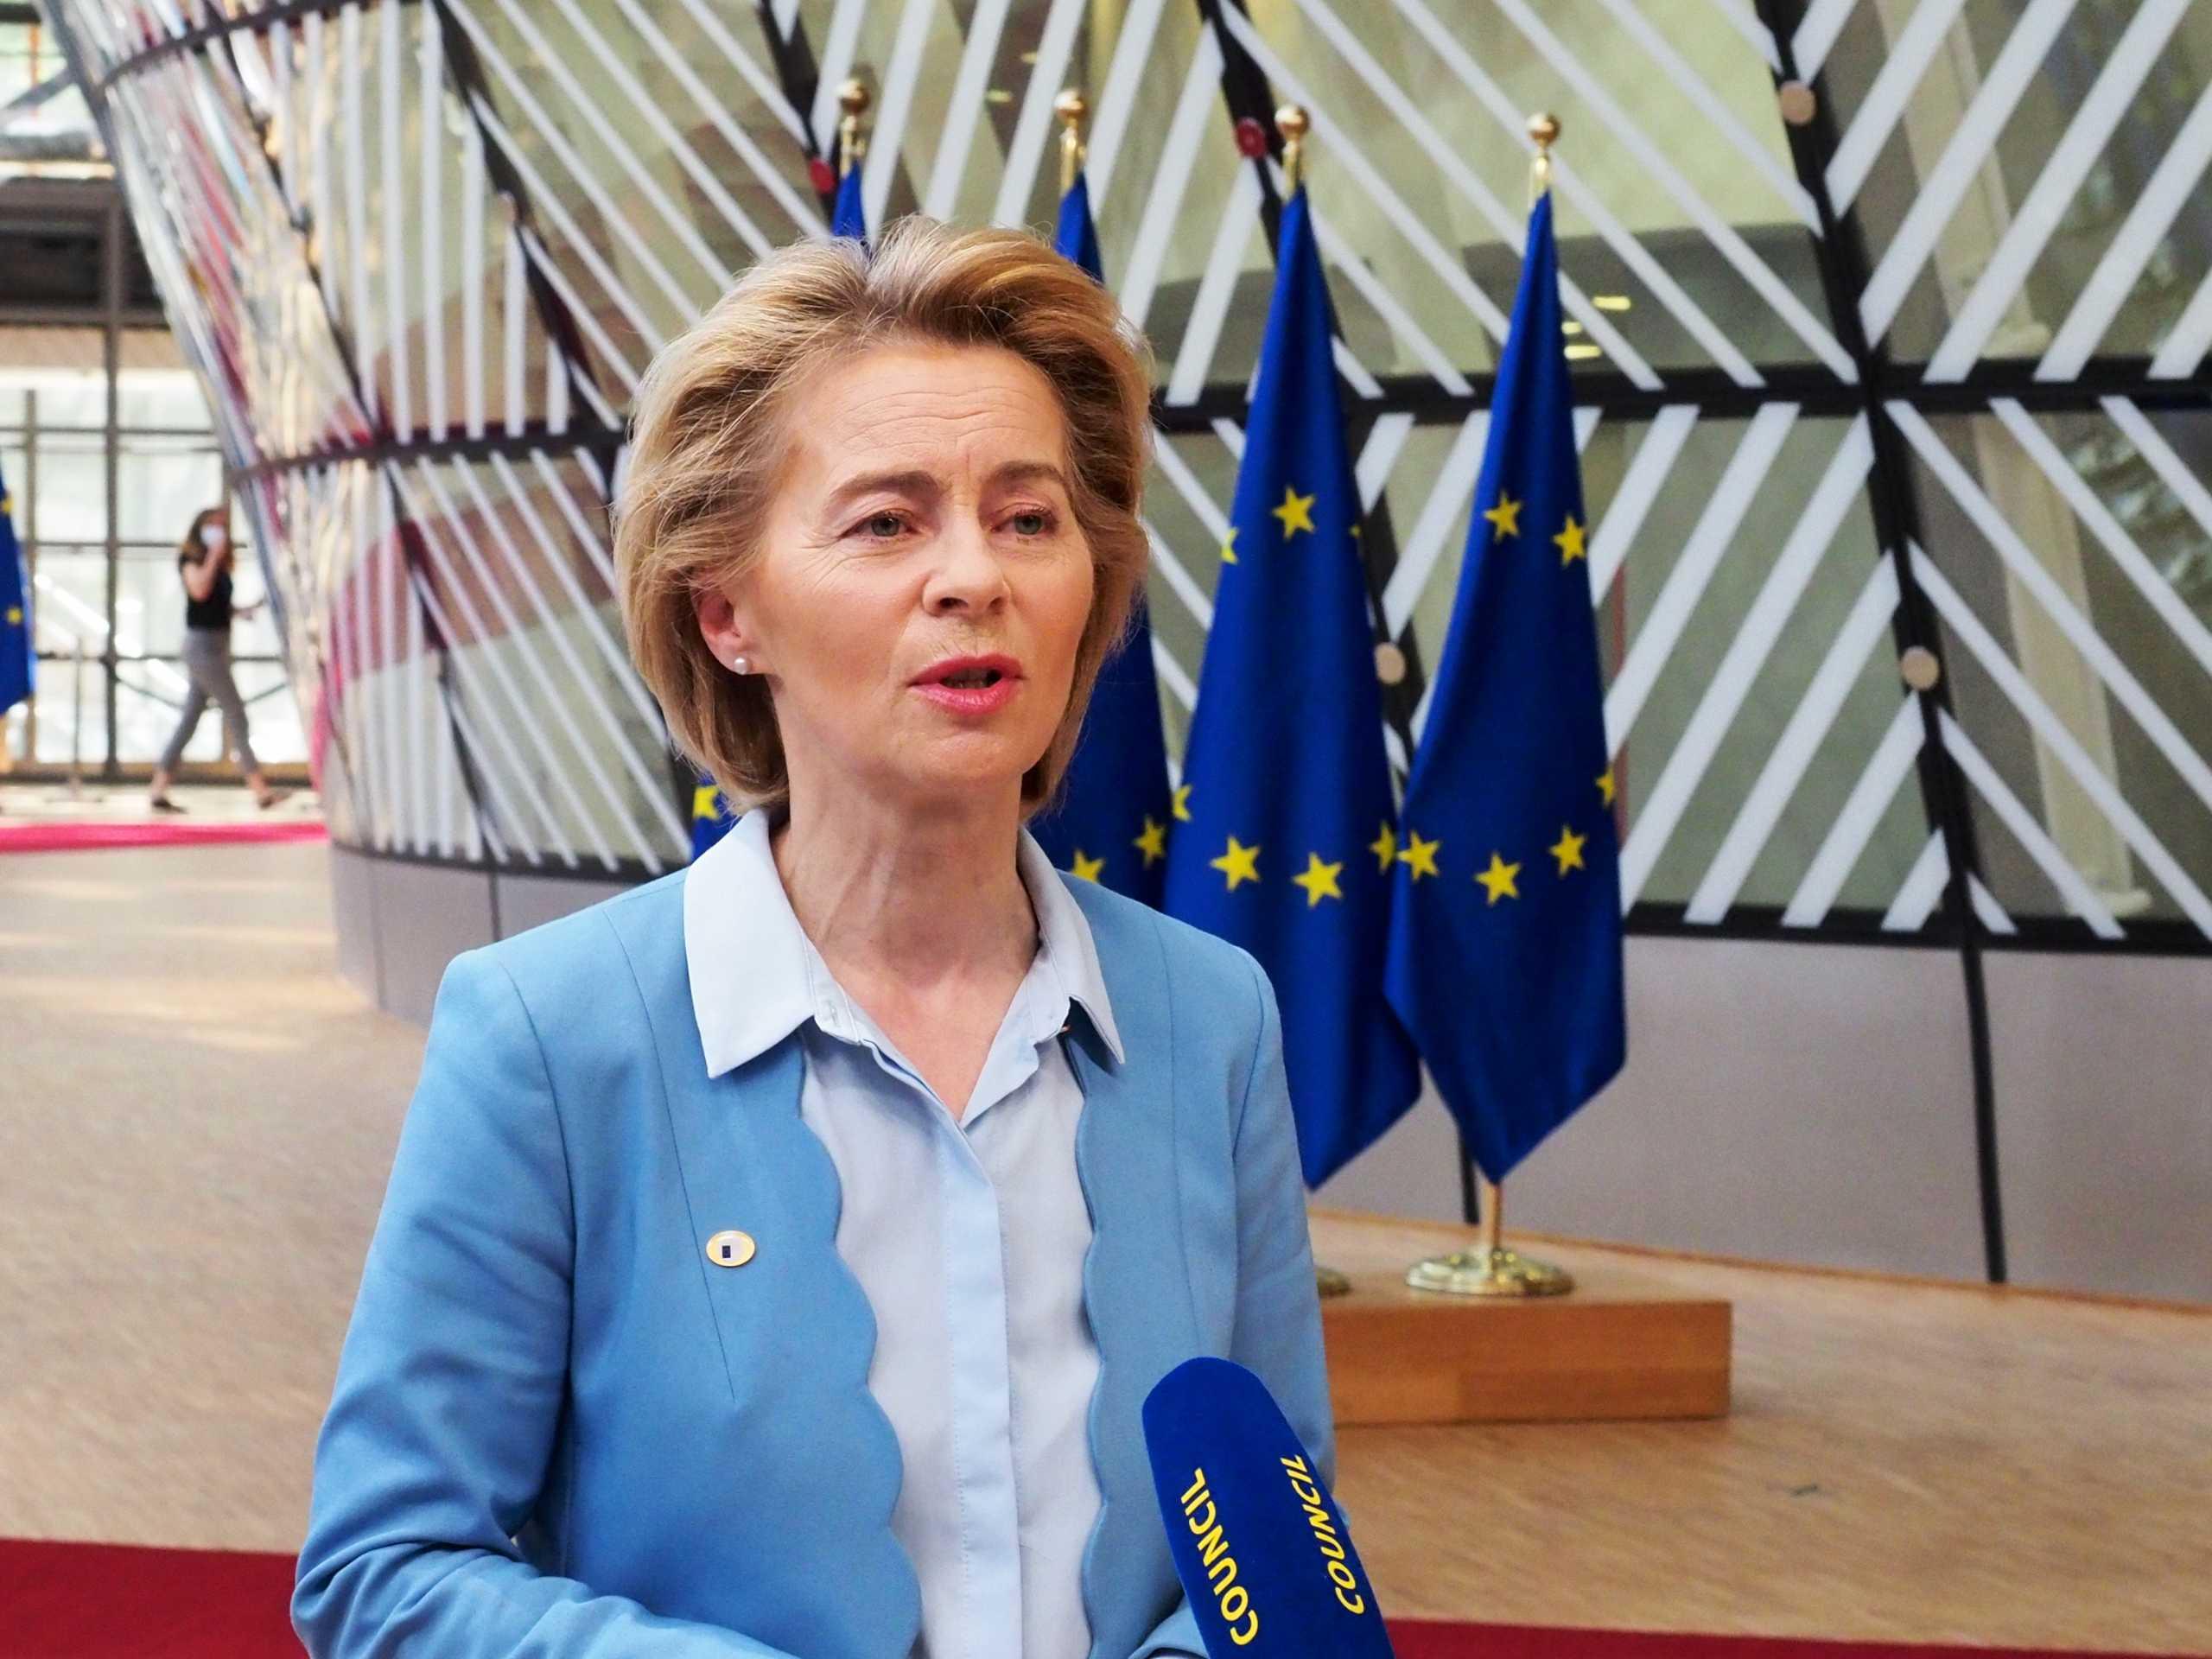 Η Ούρσουλα φον ντερ Λάιεν στηρίζει τη Βόρεια Μακεδονία στις ενταξιακές διαπραγματεύσεις με την ΕΕ